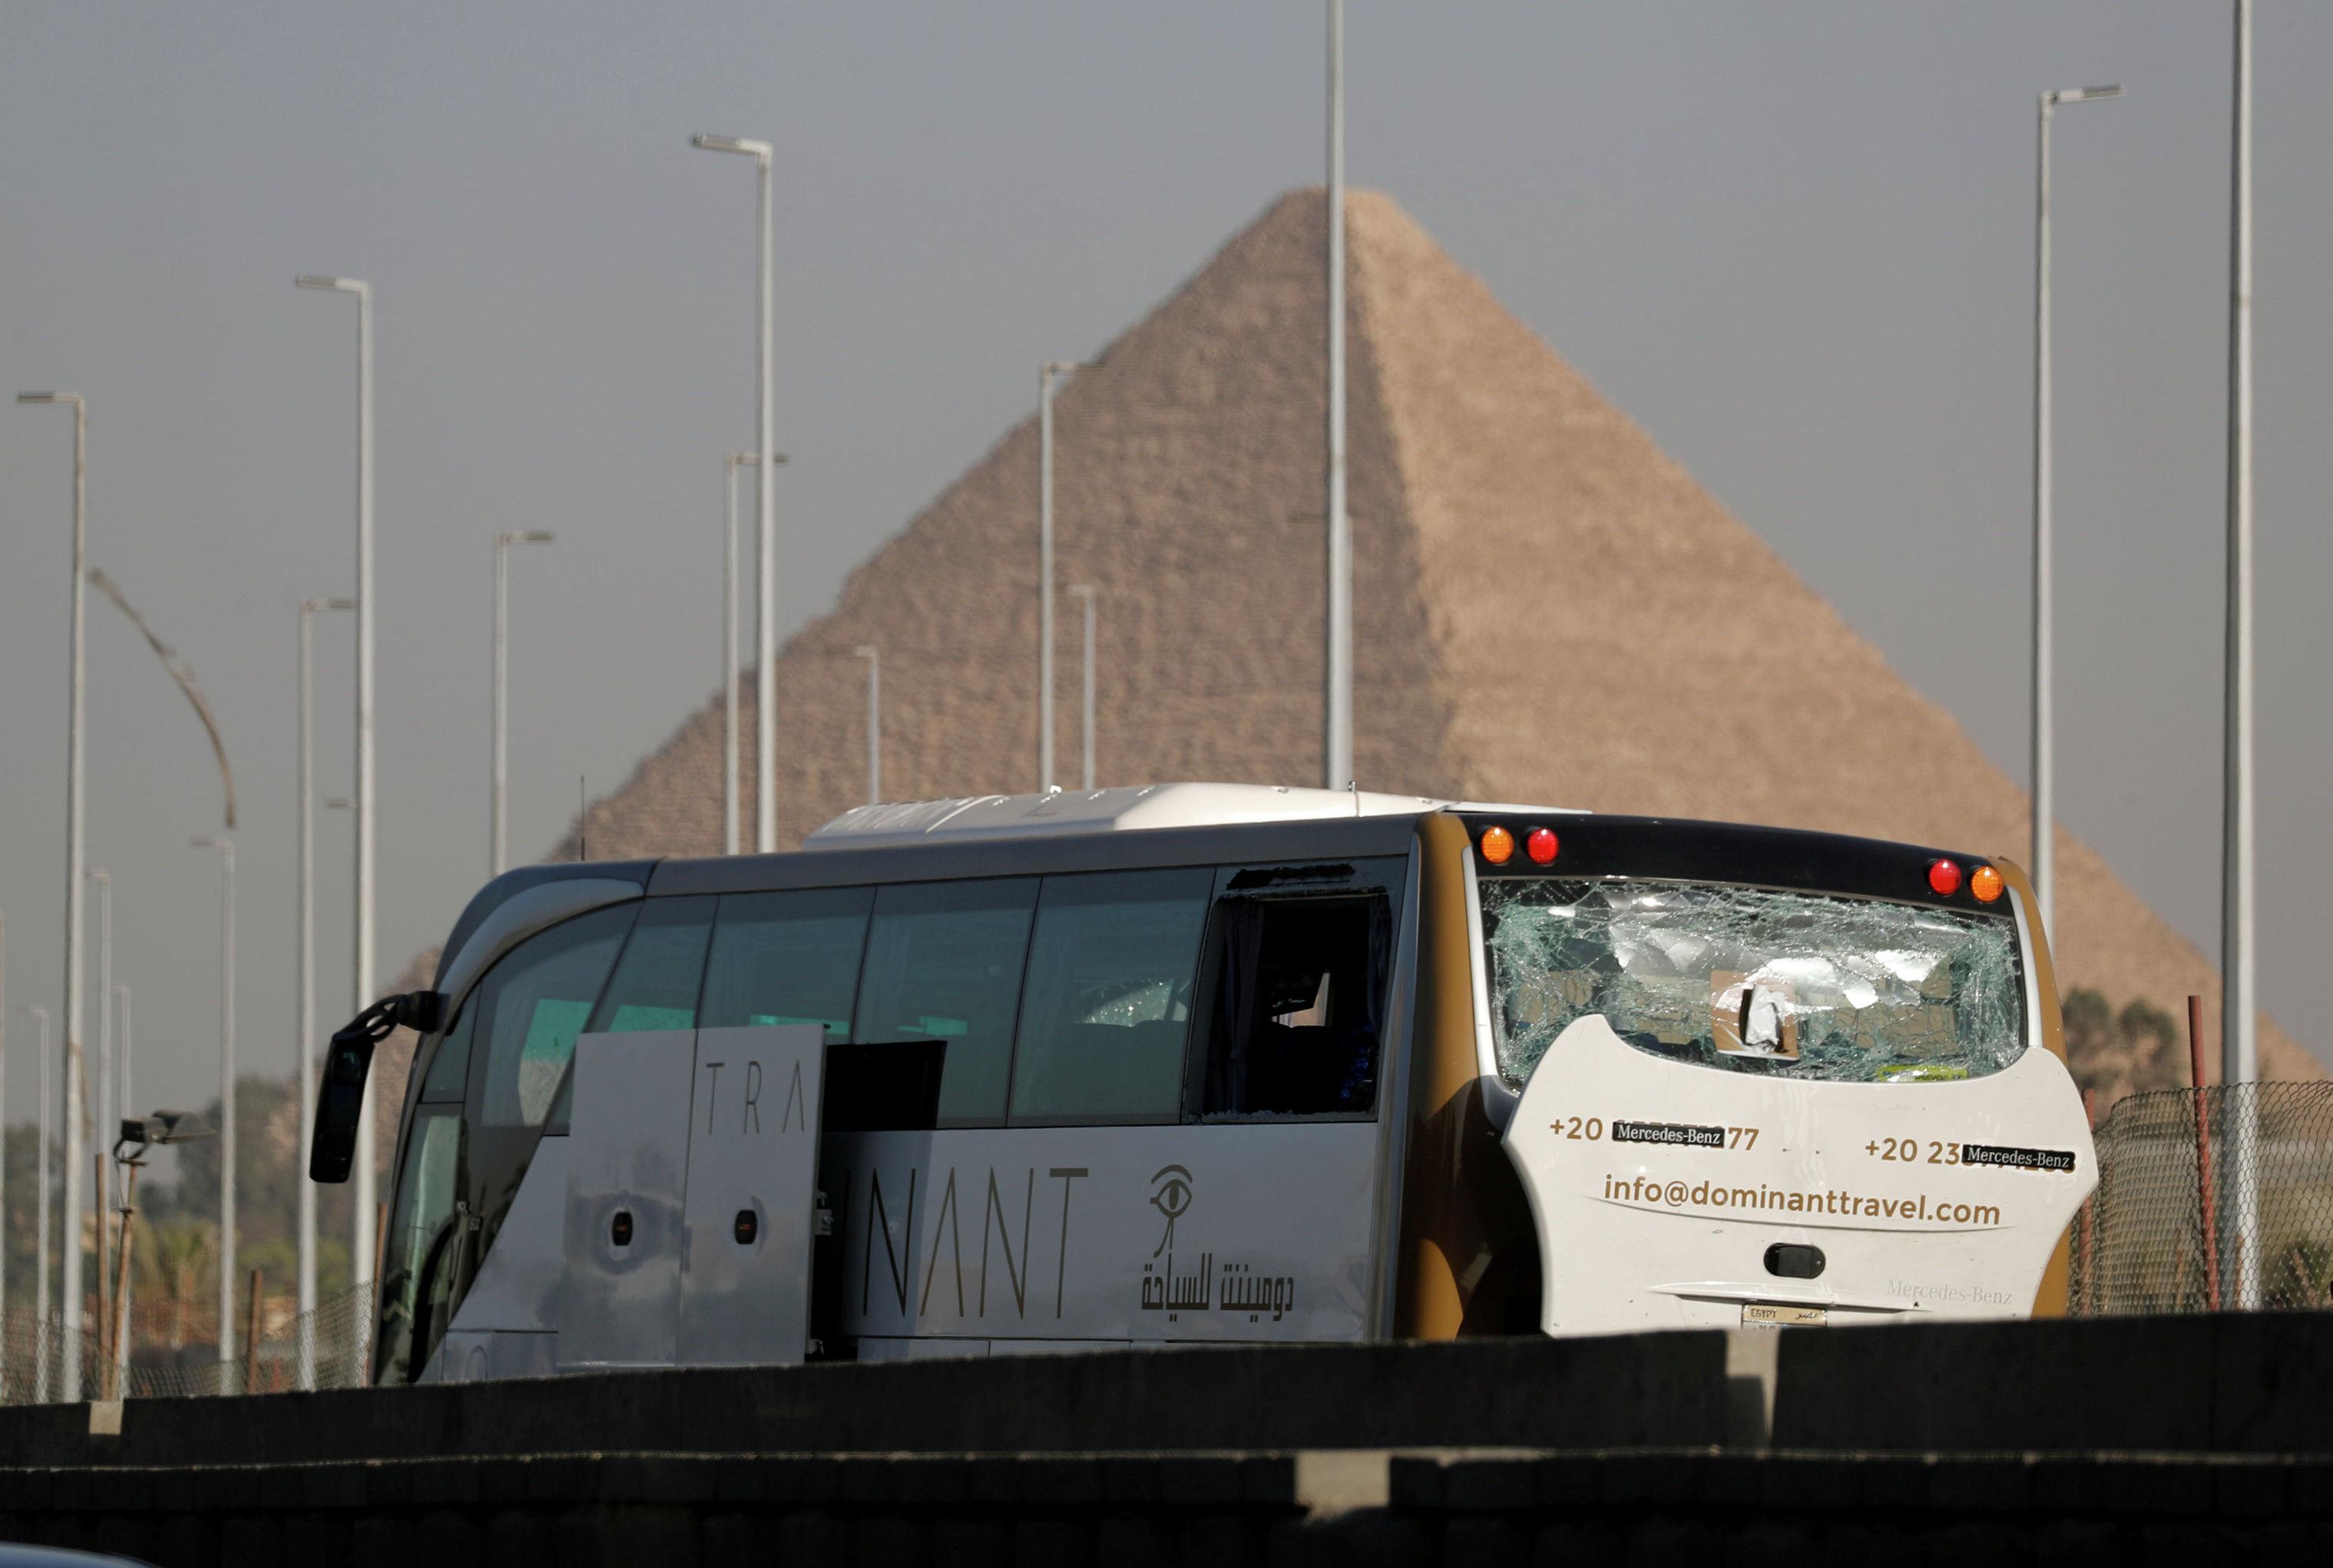 Поврежденный от взрыва автобус вблизи пирамид в Гизе, Египет